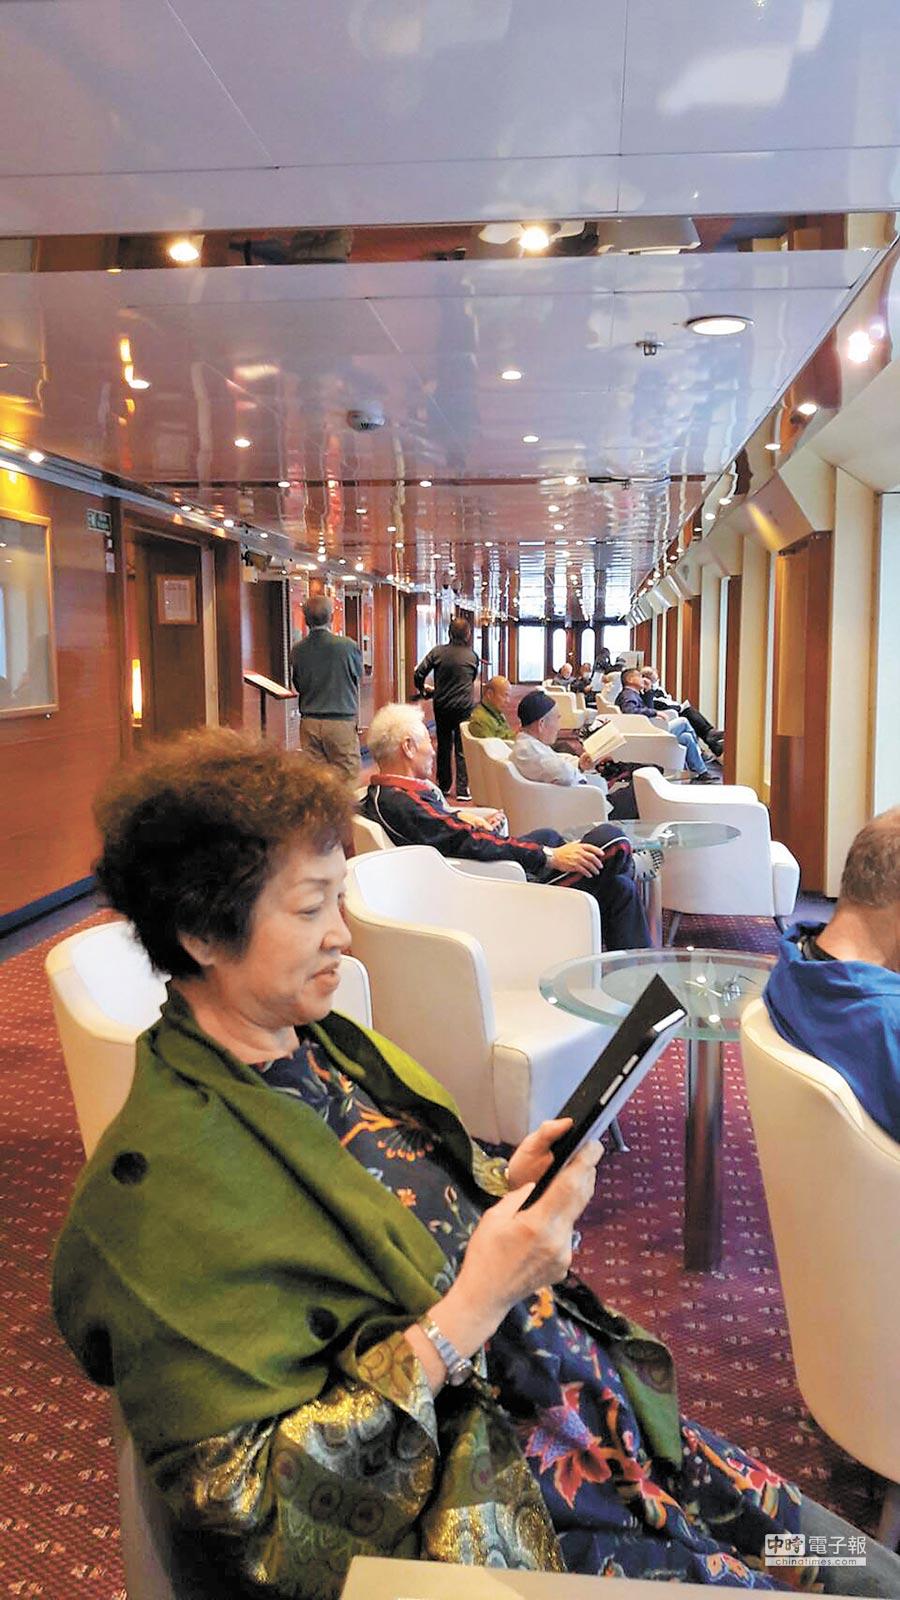 船上的公共空間可以自在看書、看海。